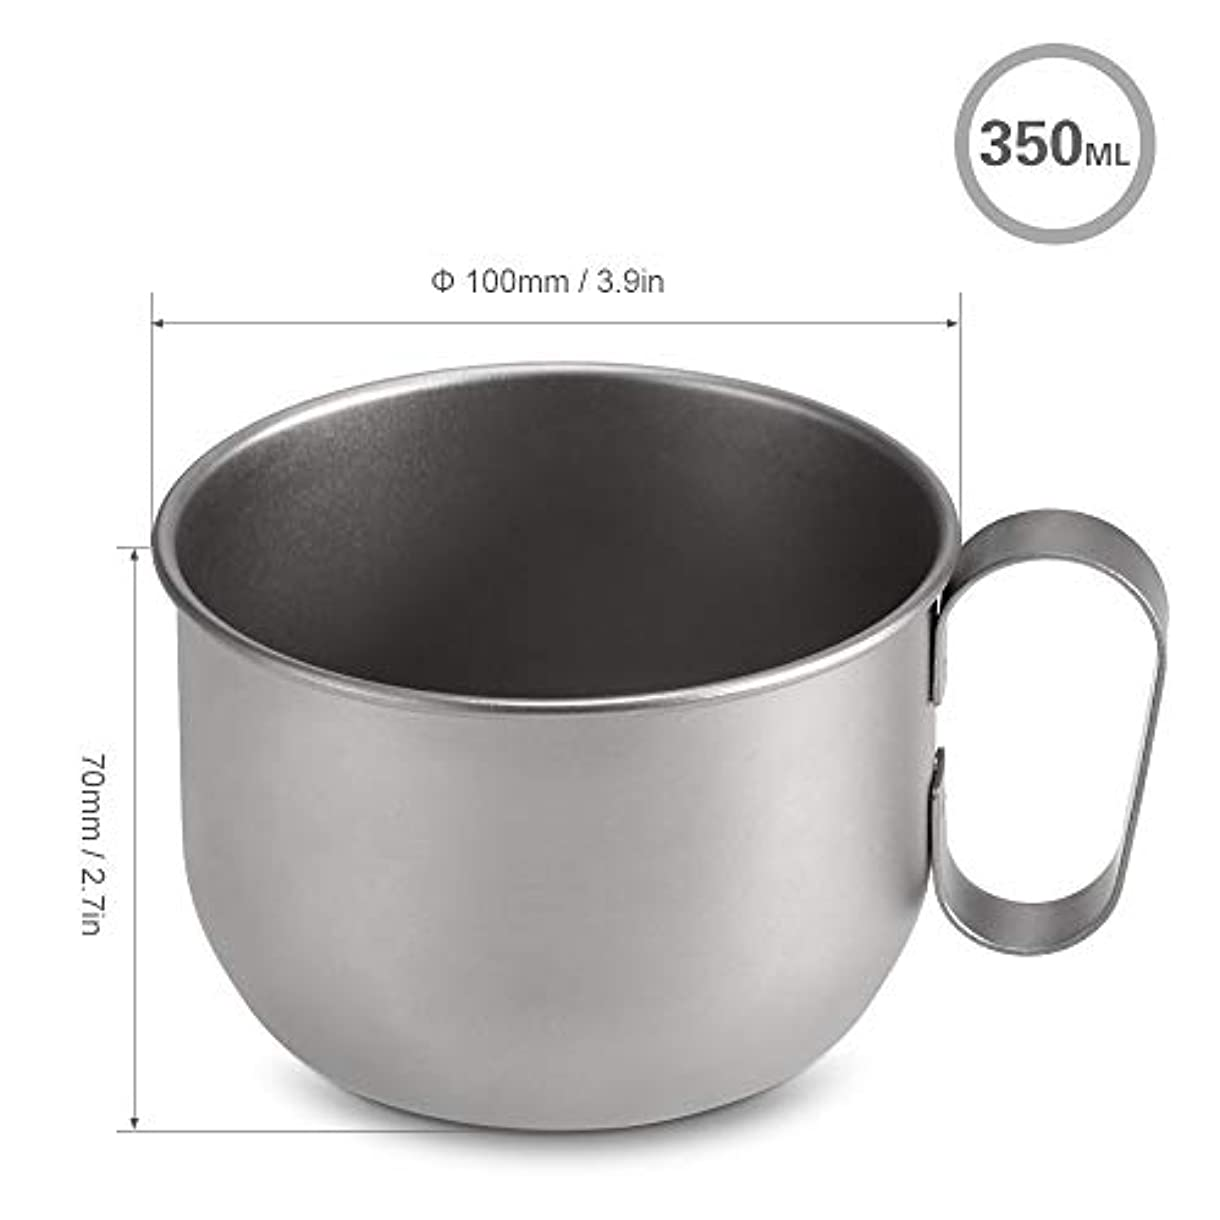 進行中十分にムス350ミリリットルチタンカップ超軽量キャンプマグポータブルコーヒービールジュースミルクカップ